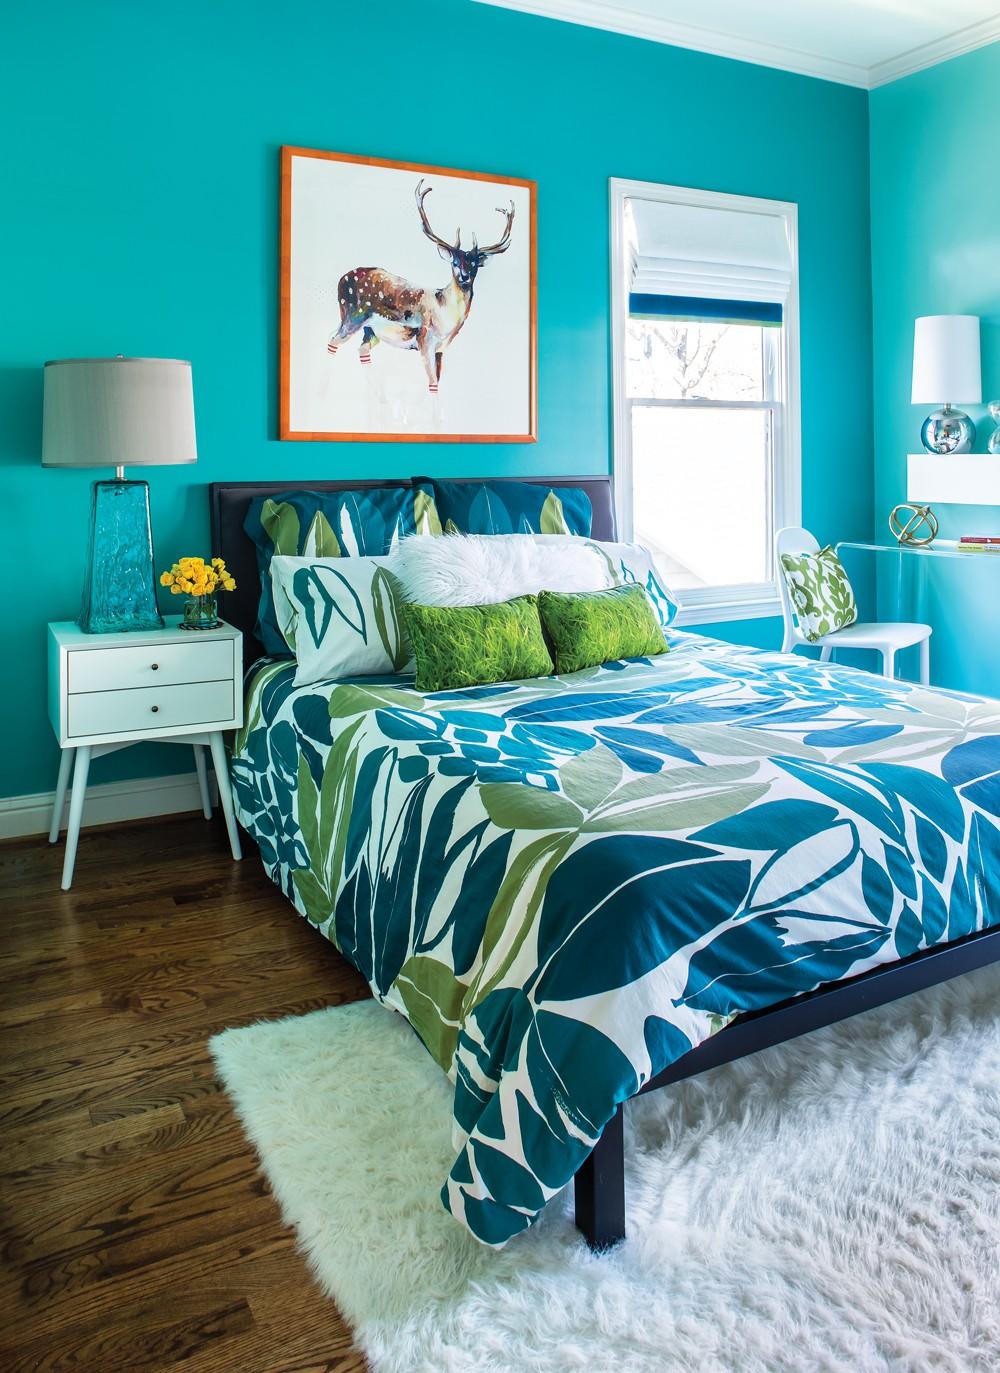 بالصور غرف نوم باللون التركواز- التركواز مع الأبيض في غرف النوم